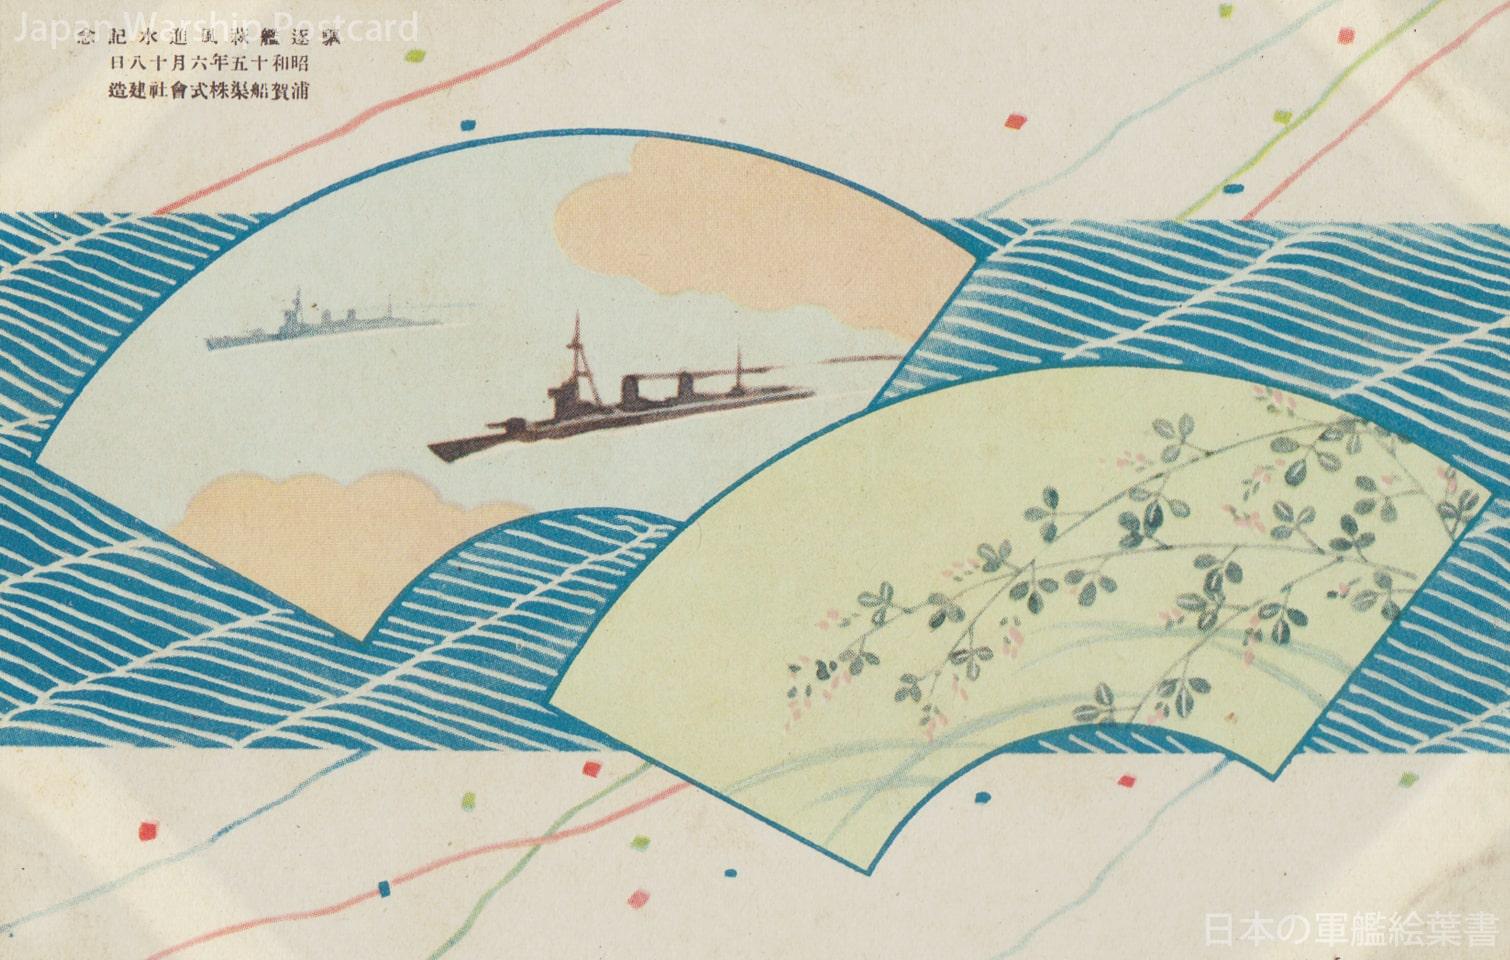 駆逐艦萩風進水記念